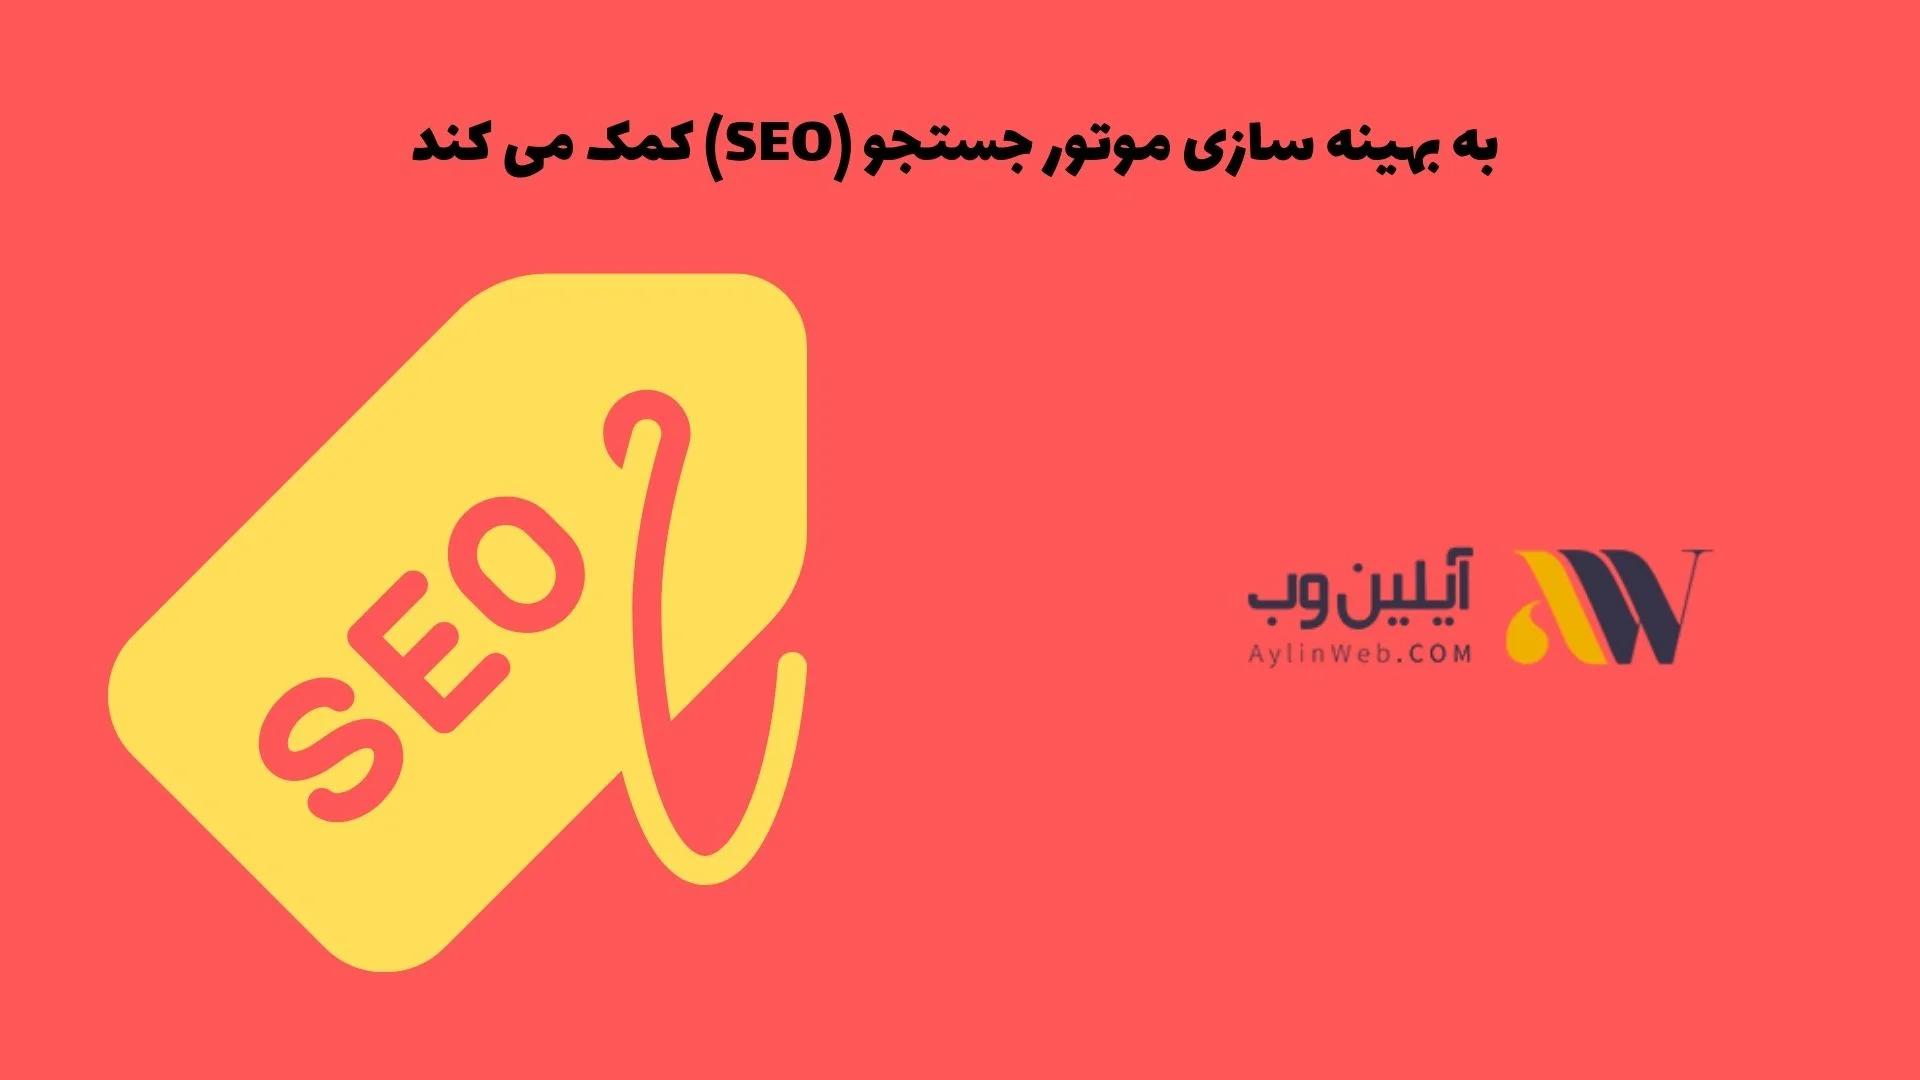 به بهینه سازی موتور جستجو (SEO) کمک می کند